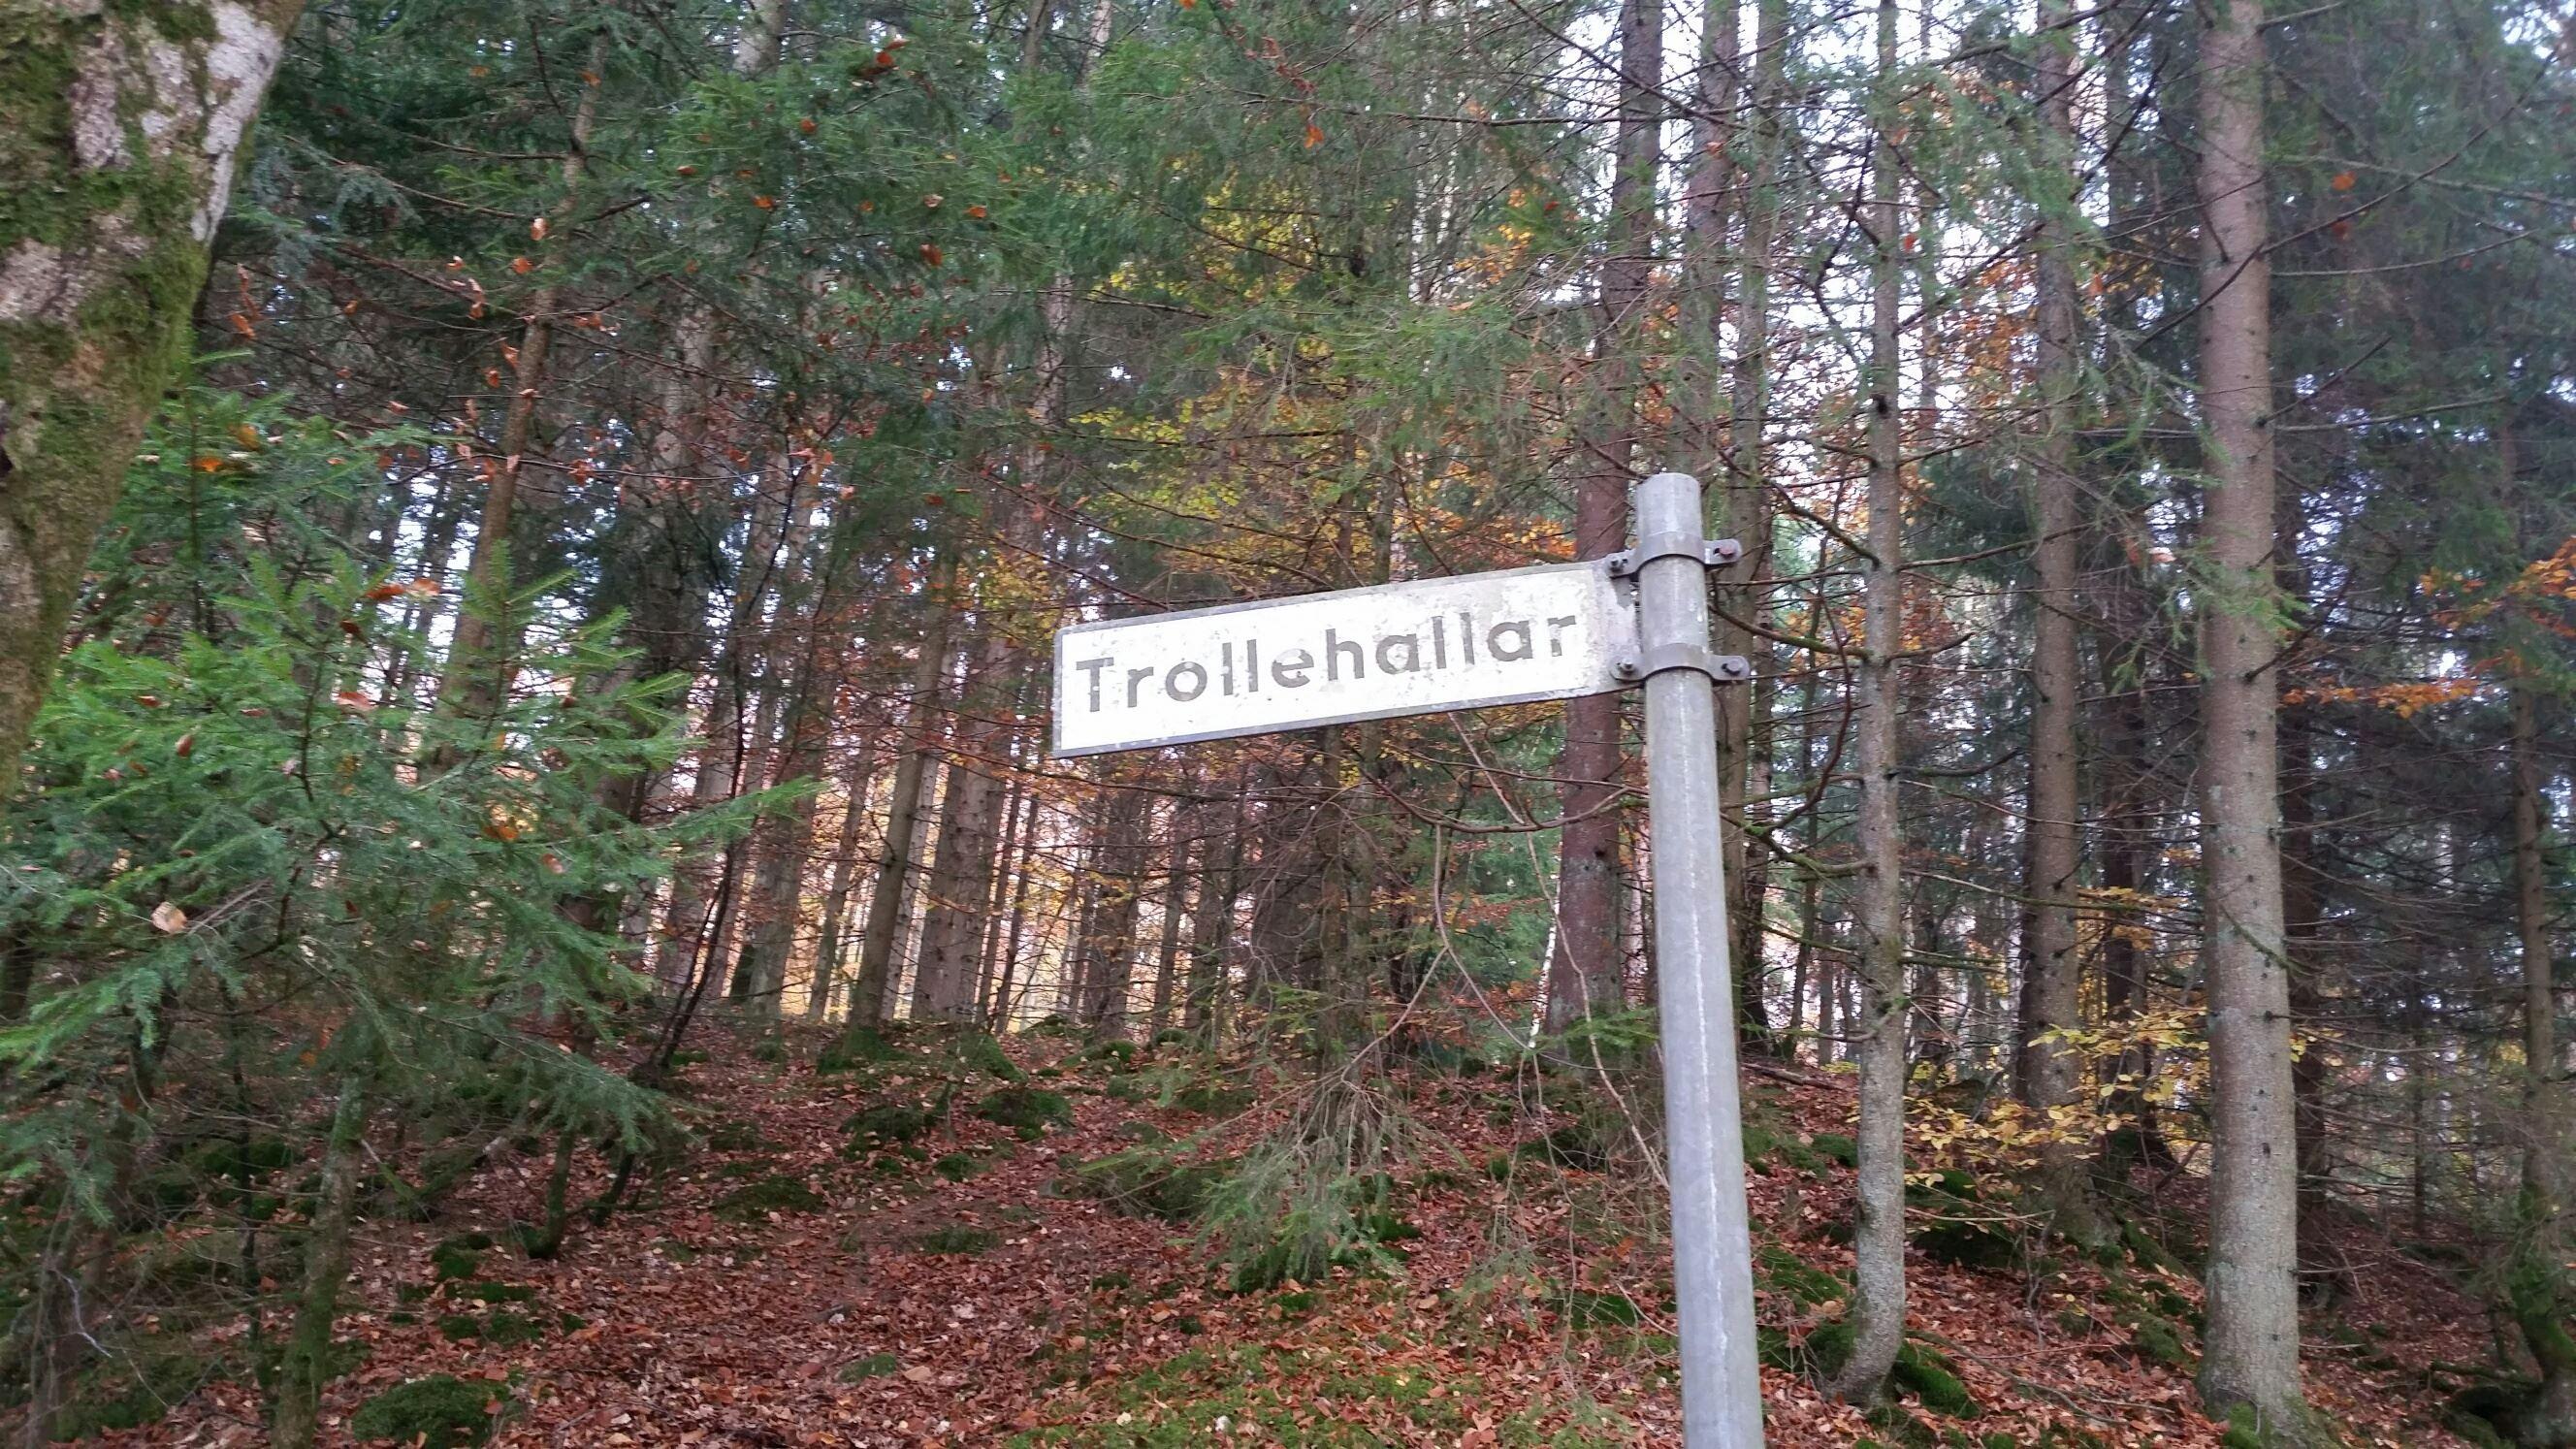 Guidad visning av Trollehallar och Snapphanestallarna